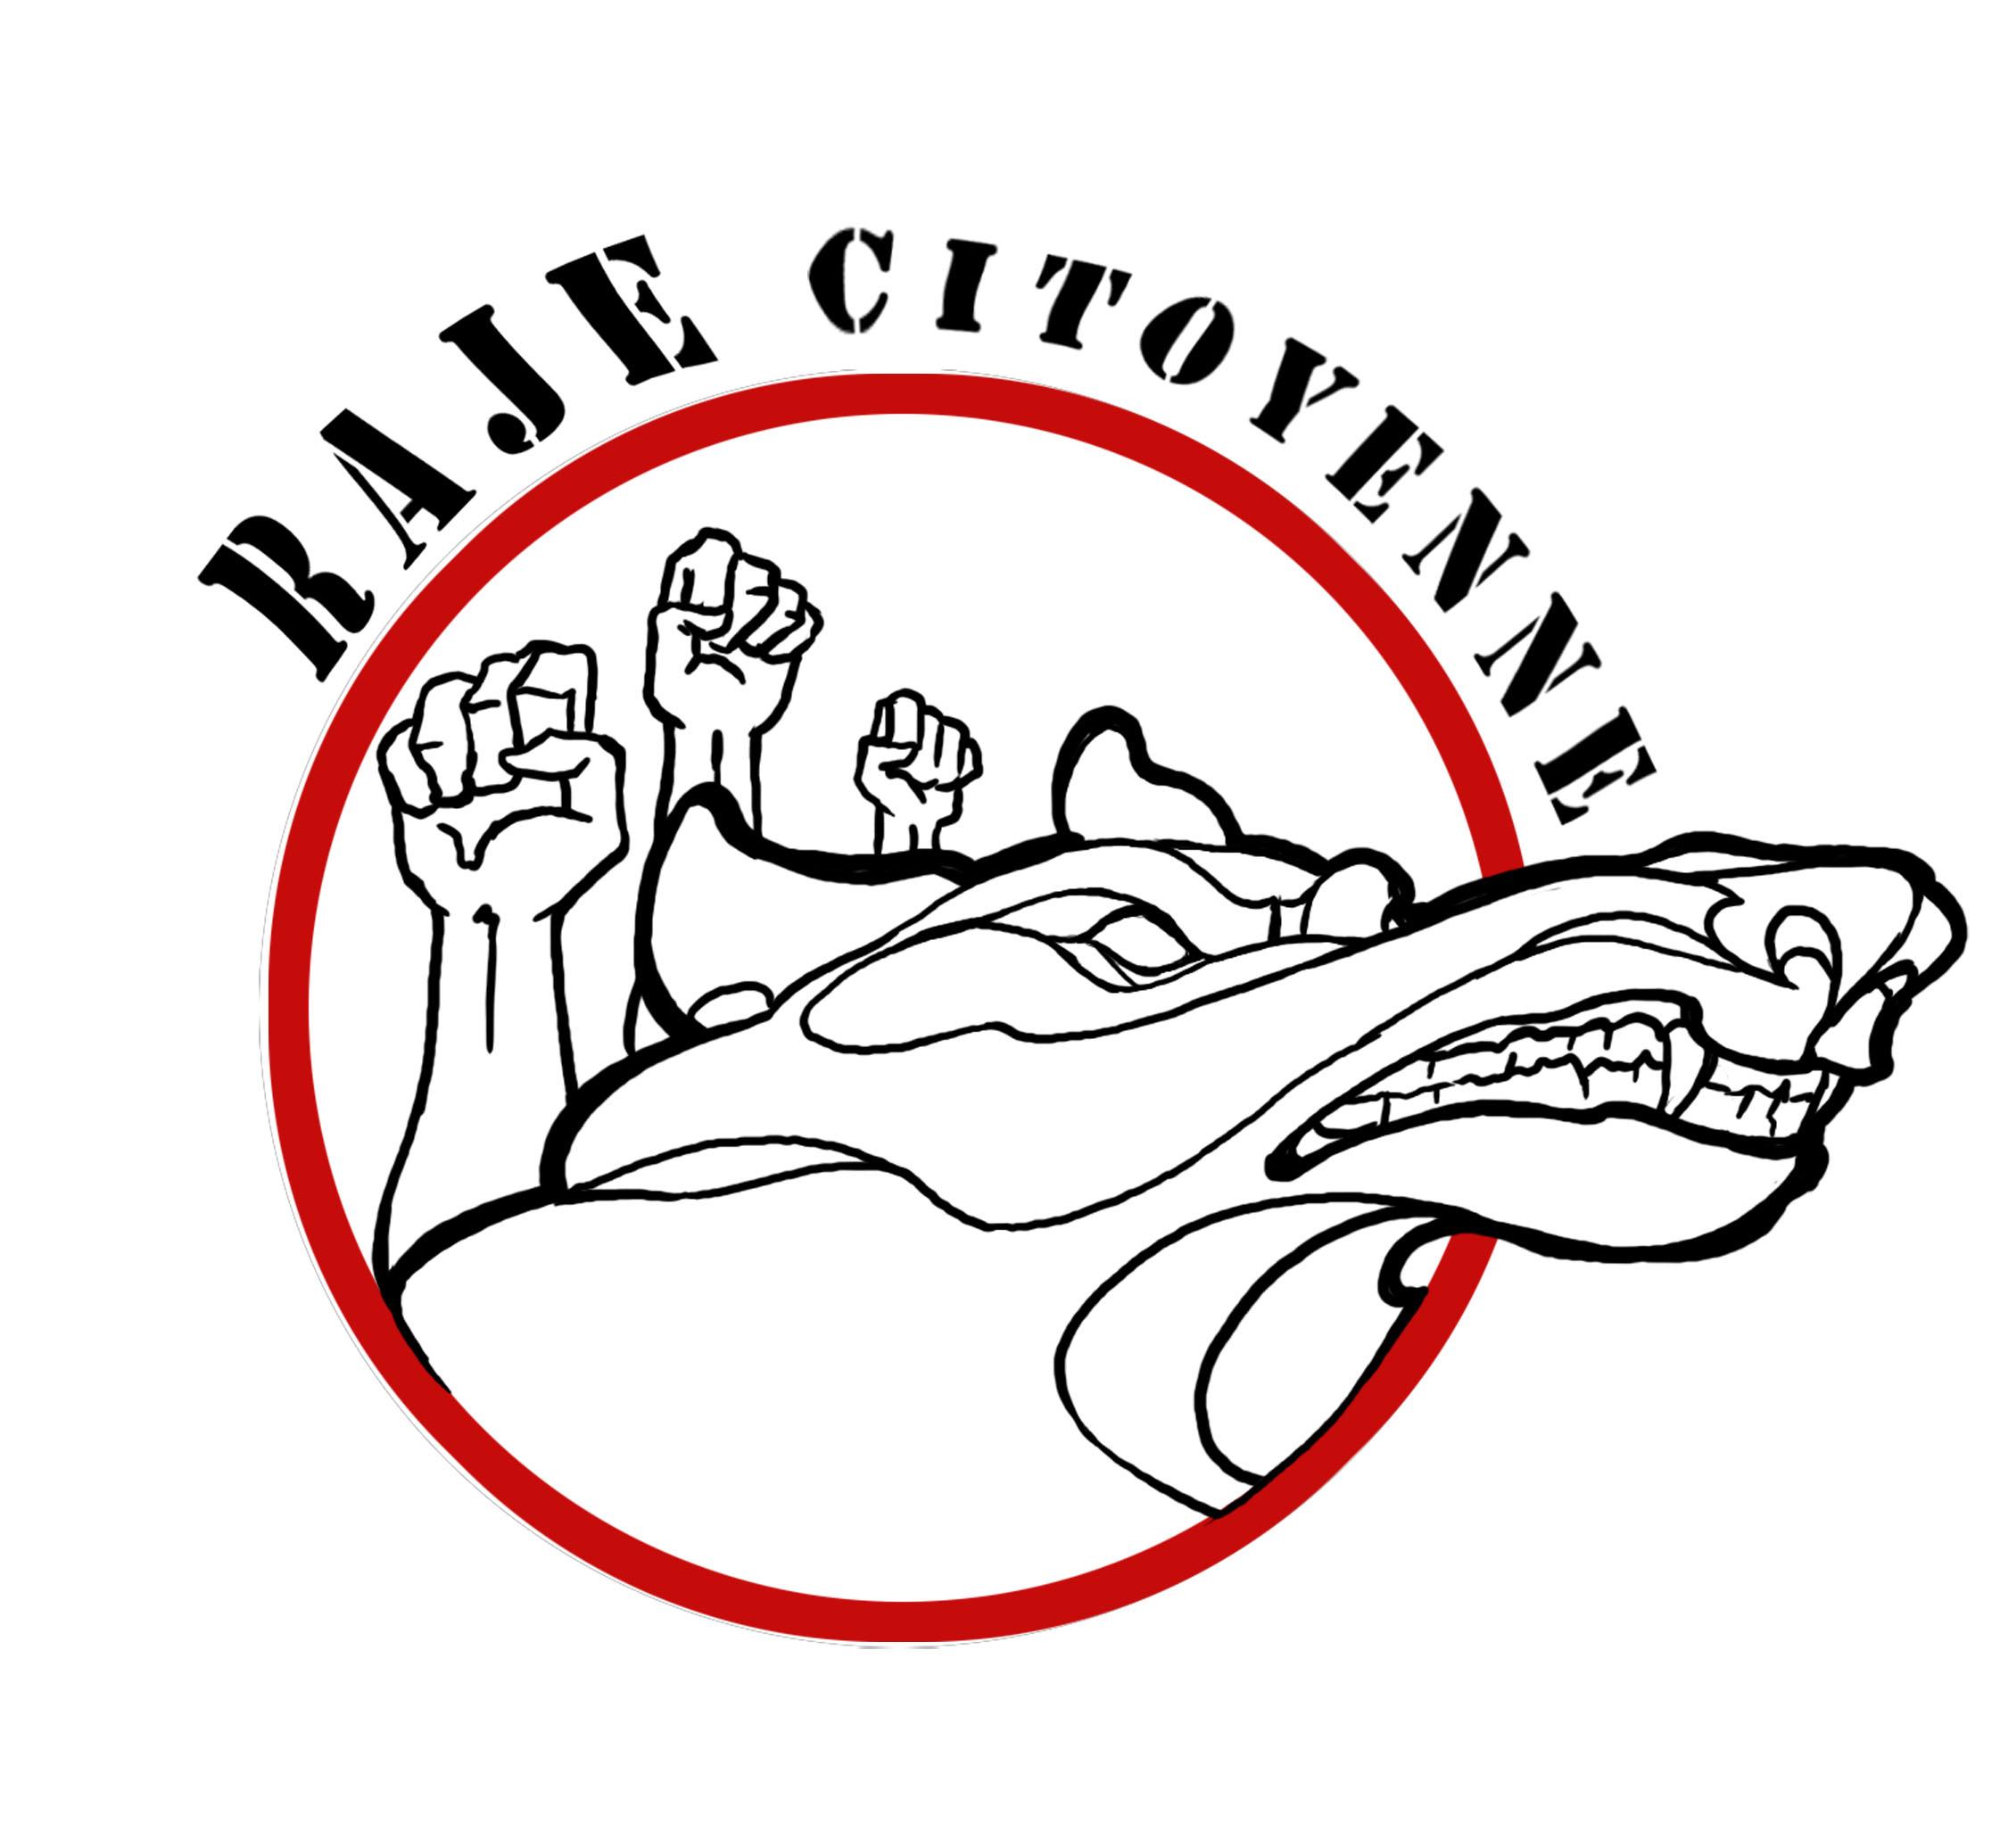 logo_loup-enrajc3a9_original